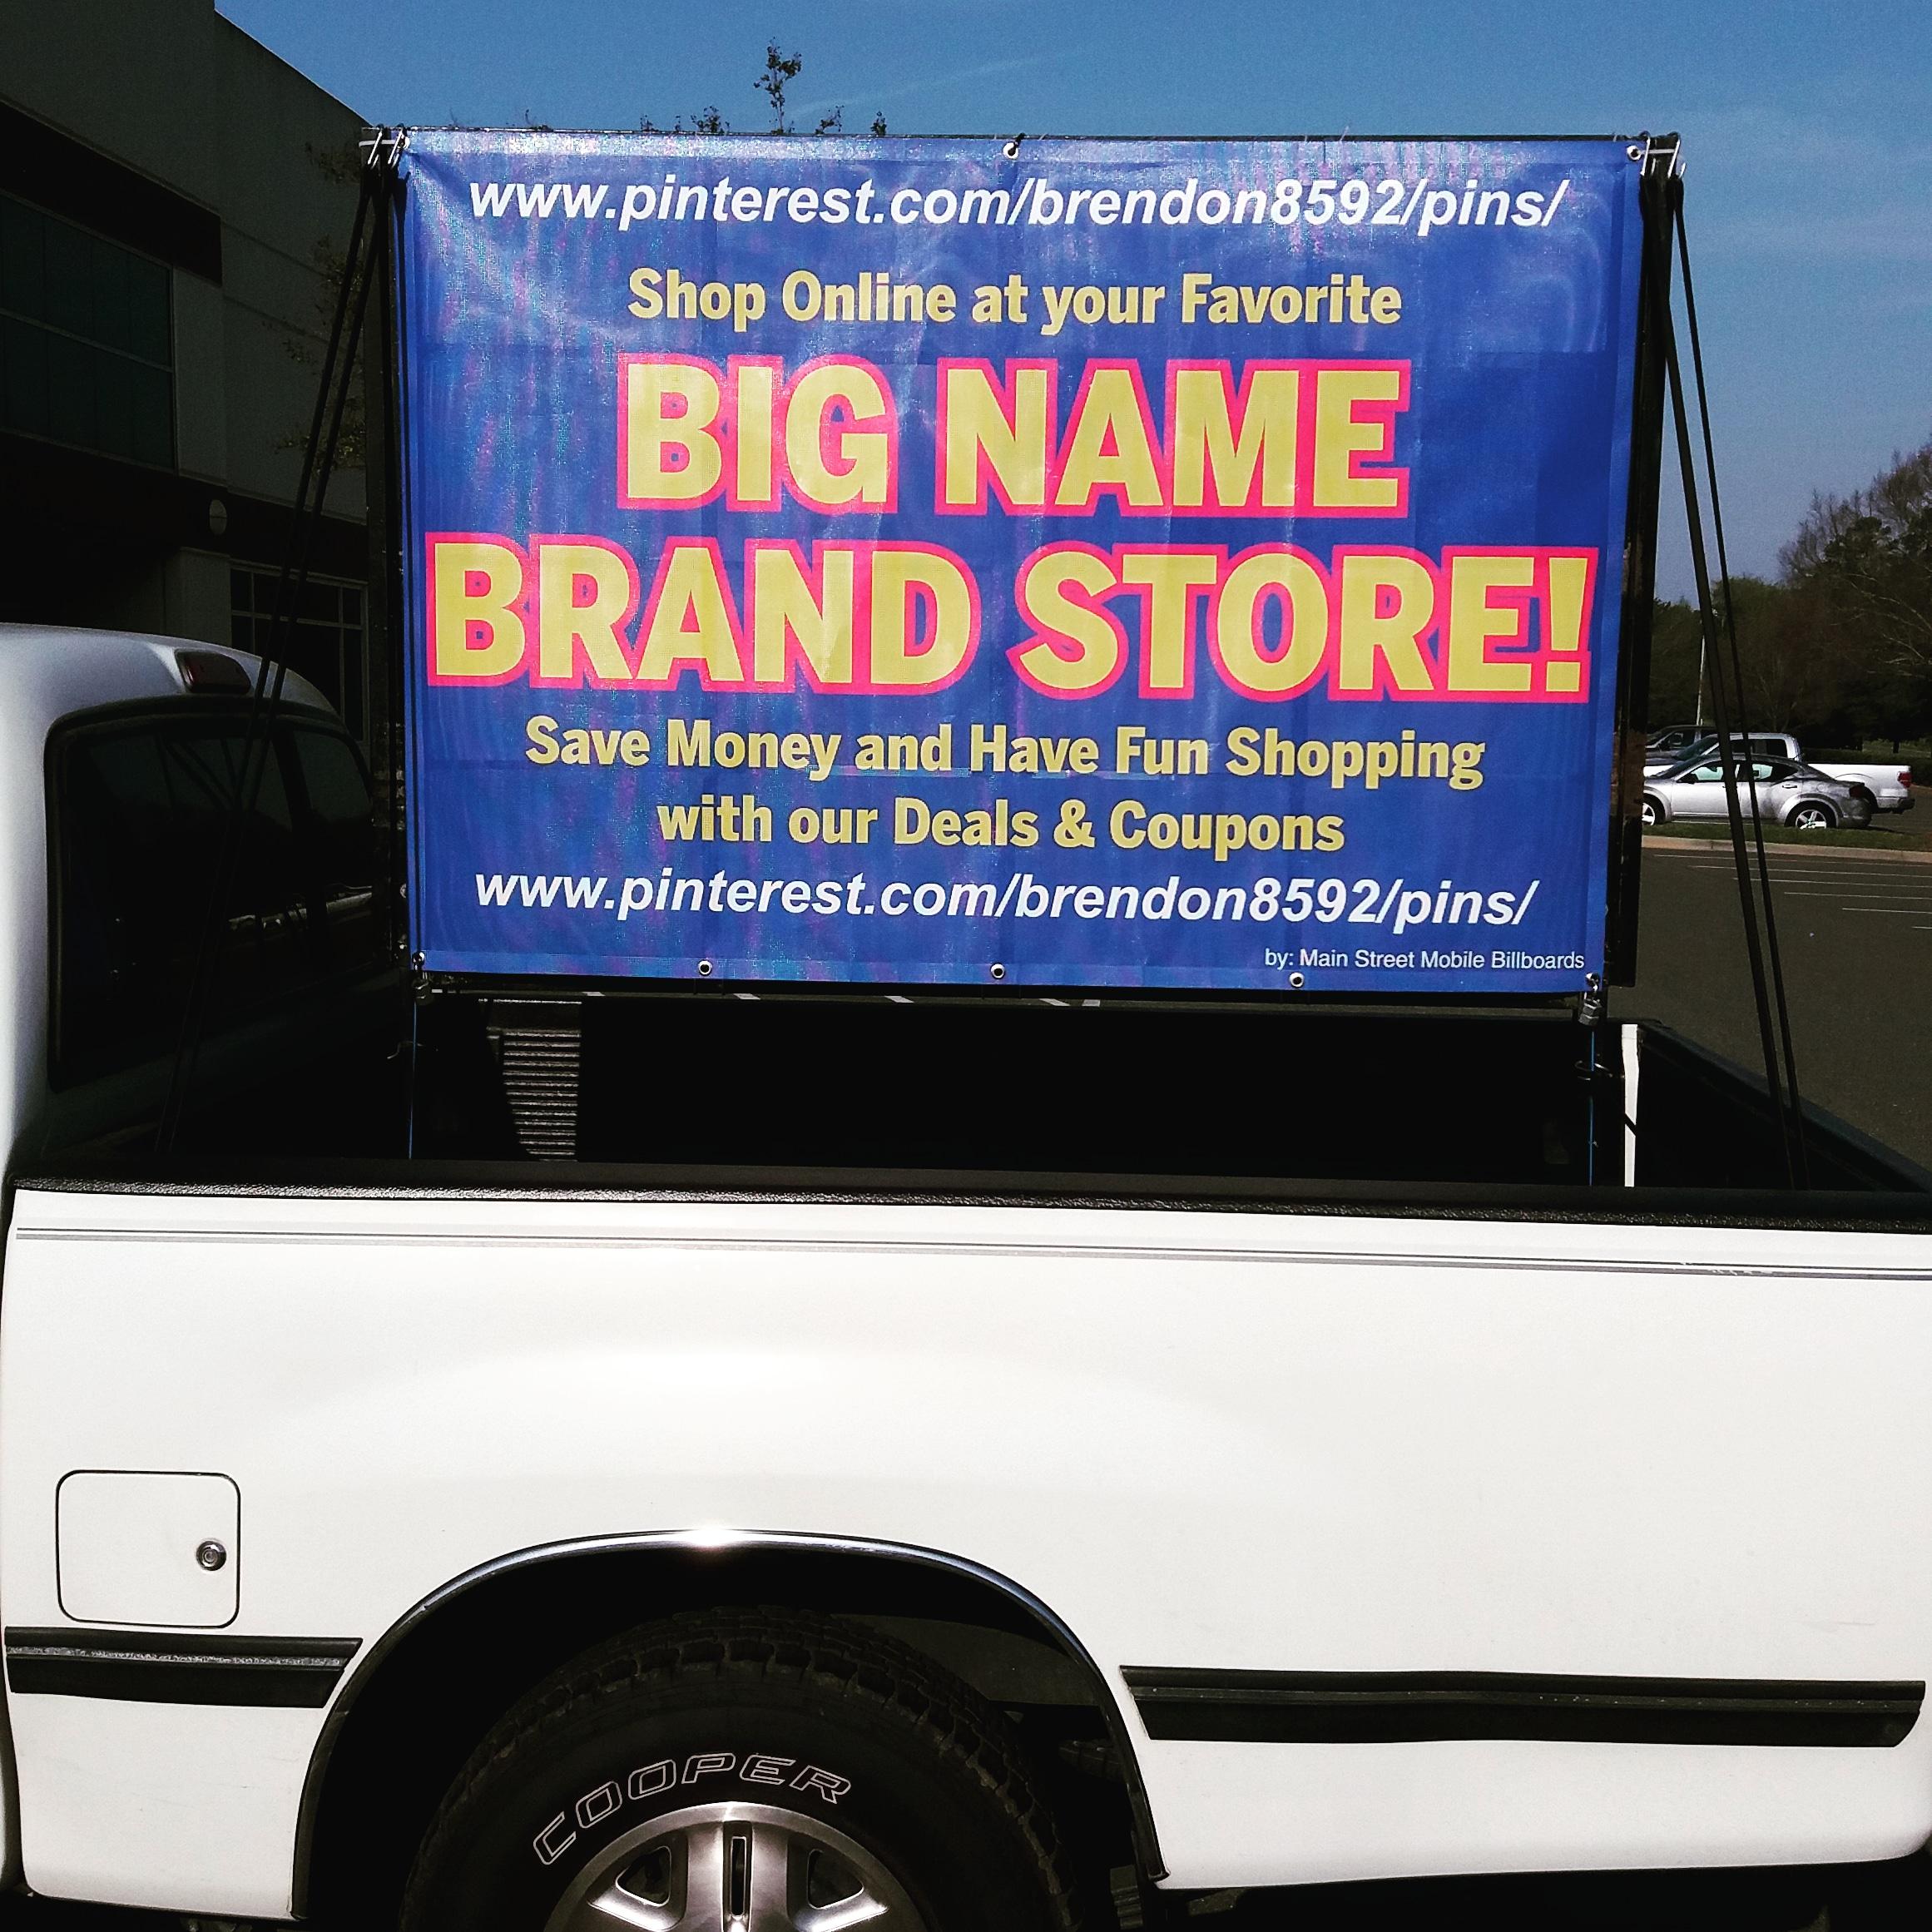 Brand store.jpg